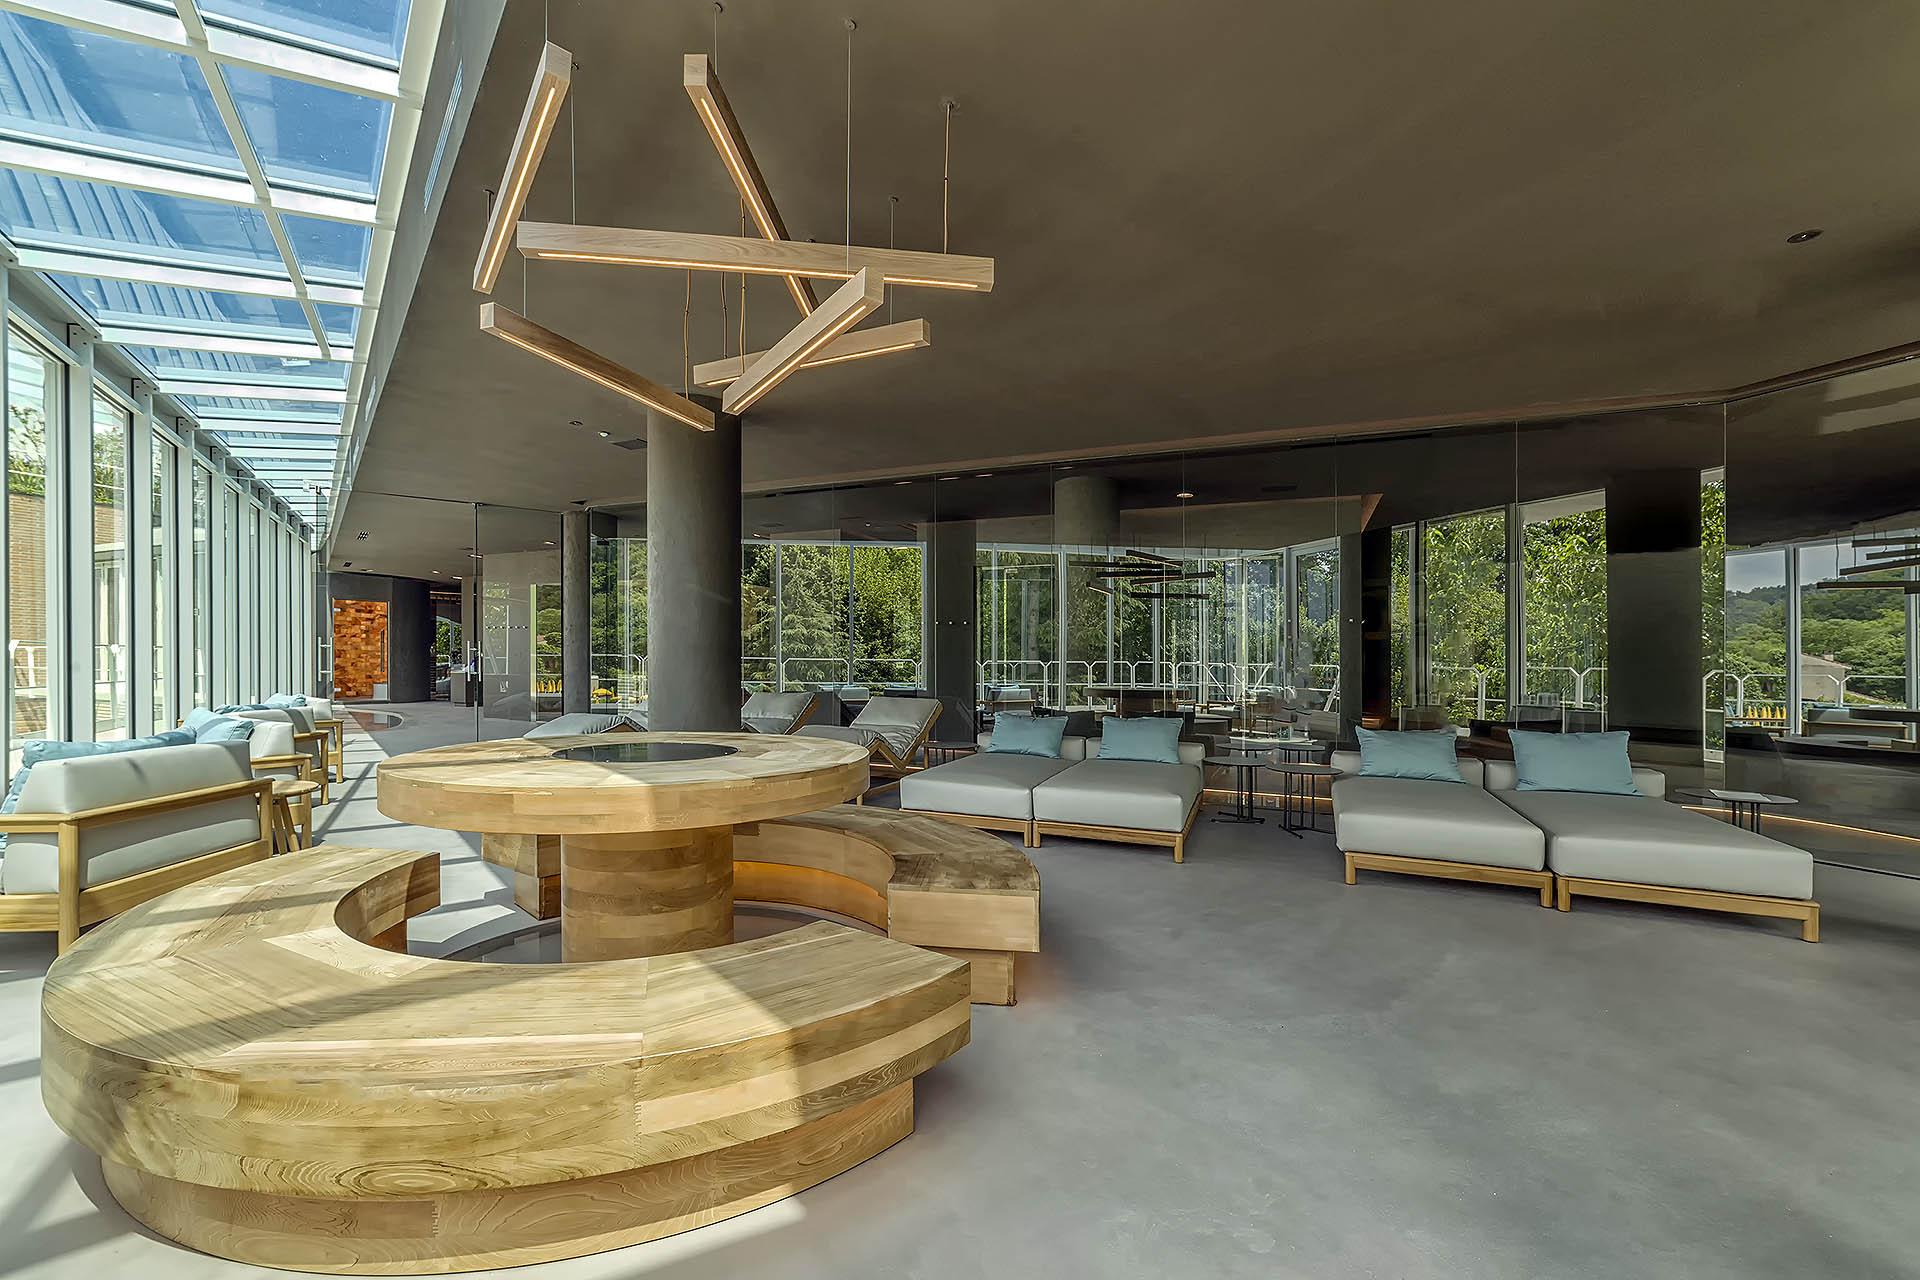 ZONA RELAX<br /> HOTEL TERRE PREISTORICHE - MONTEGROTTO TERME (PD)